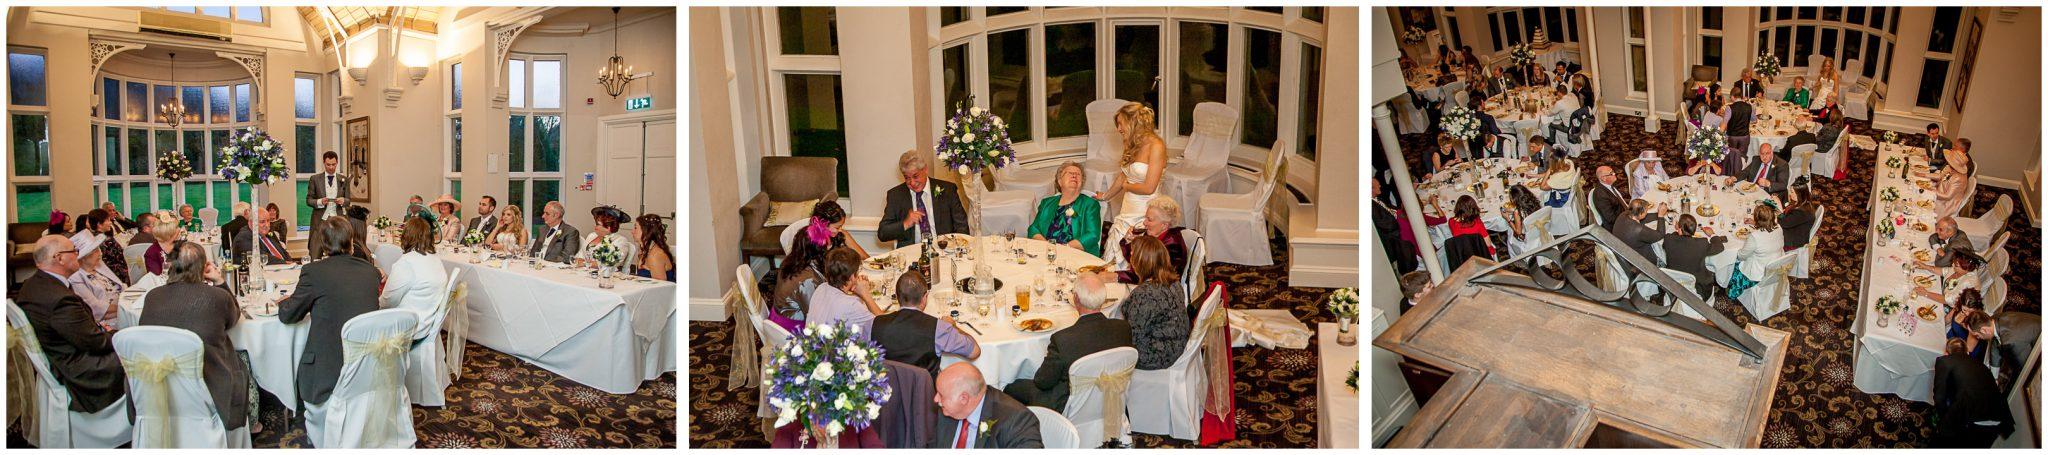 Audleys Wood wedding photography wedding breakfast